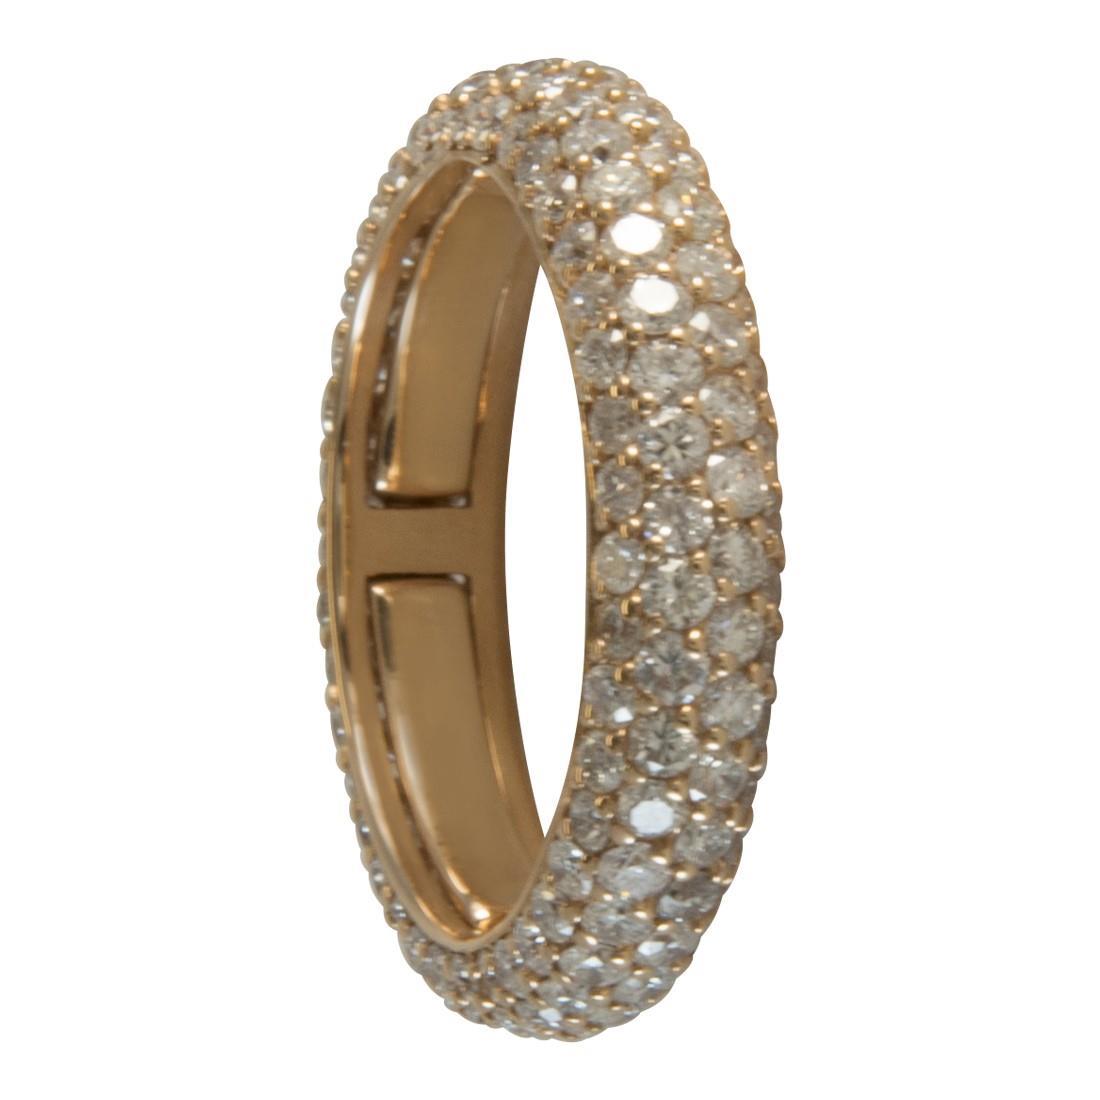 Anello in oro 18kt con diamanti ct 2.60 - ALFIERI ST JOHN